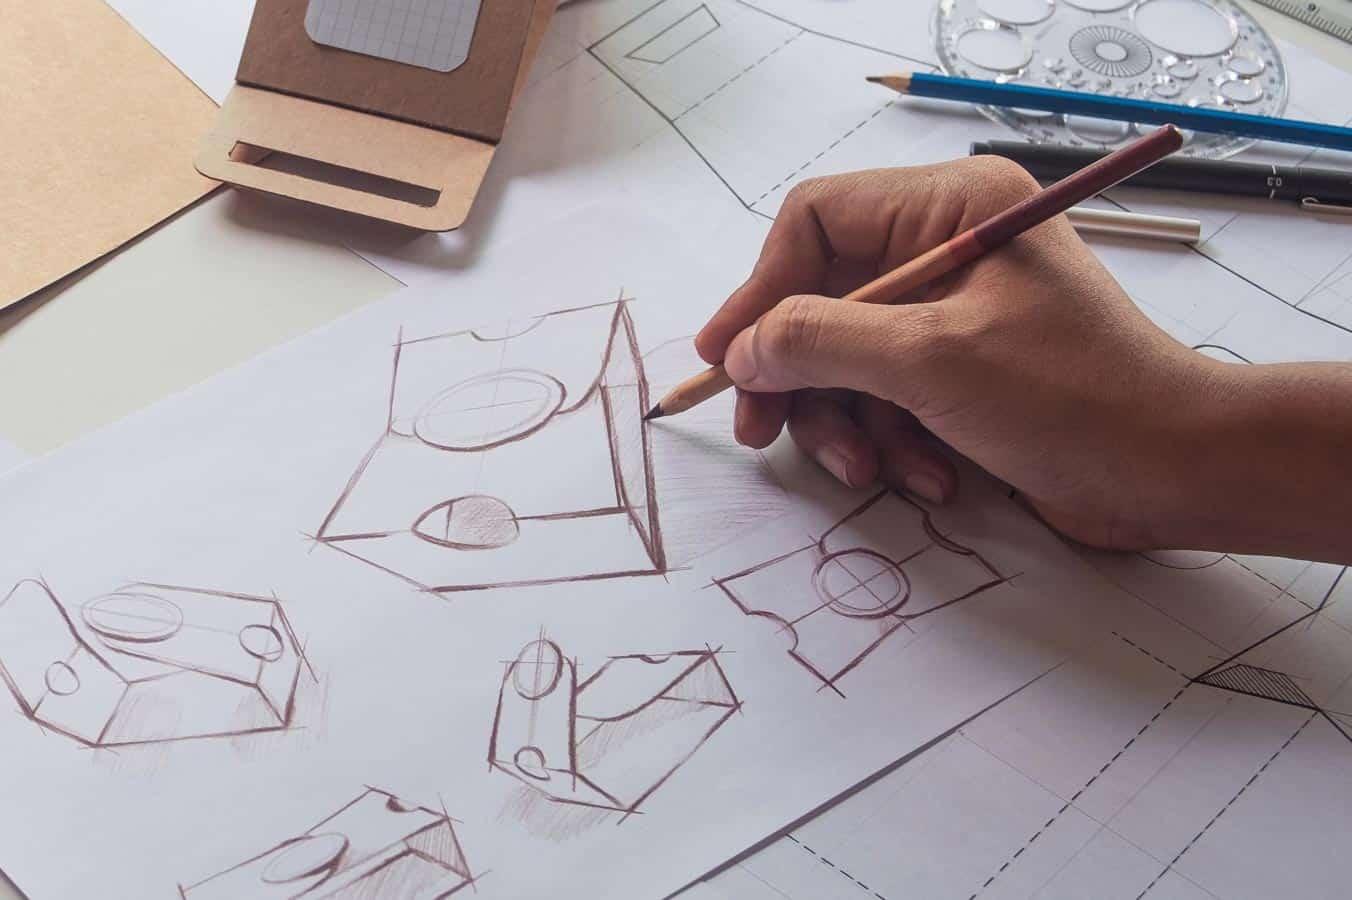 In der Entwurfsphase werden Ideen skizziert und verschiedene Ansätze verglichen.